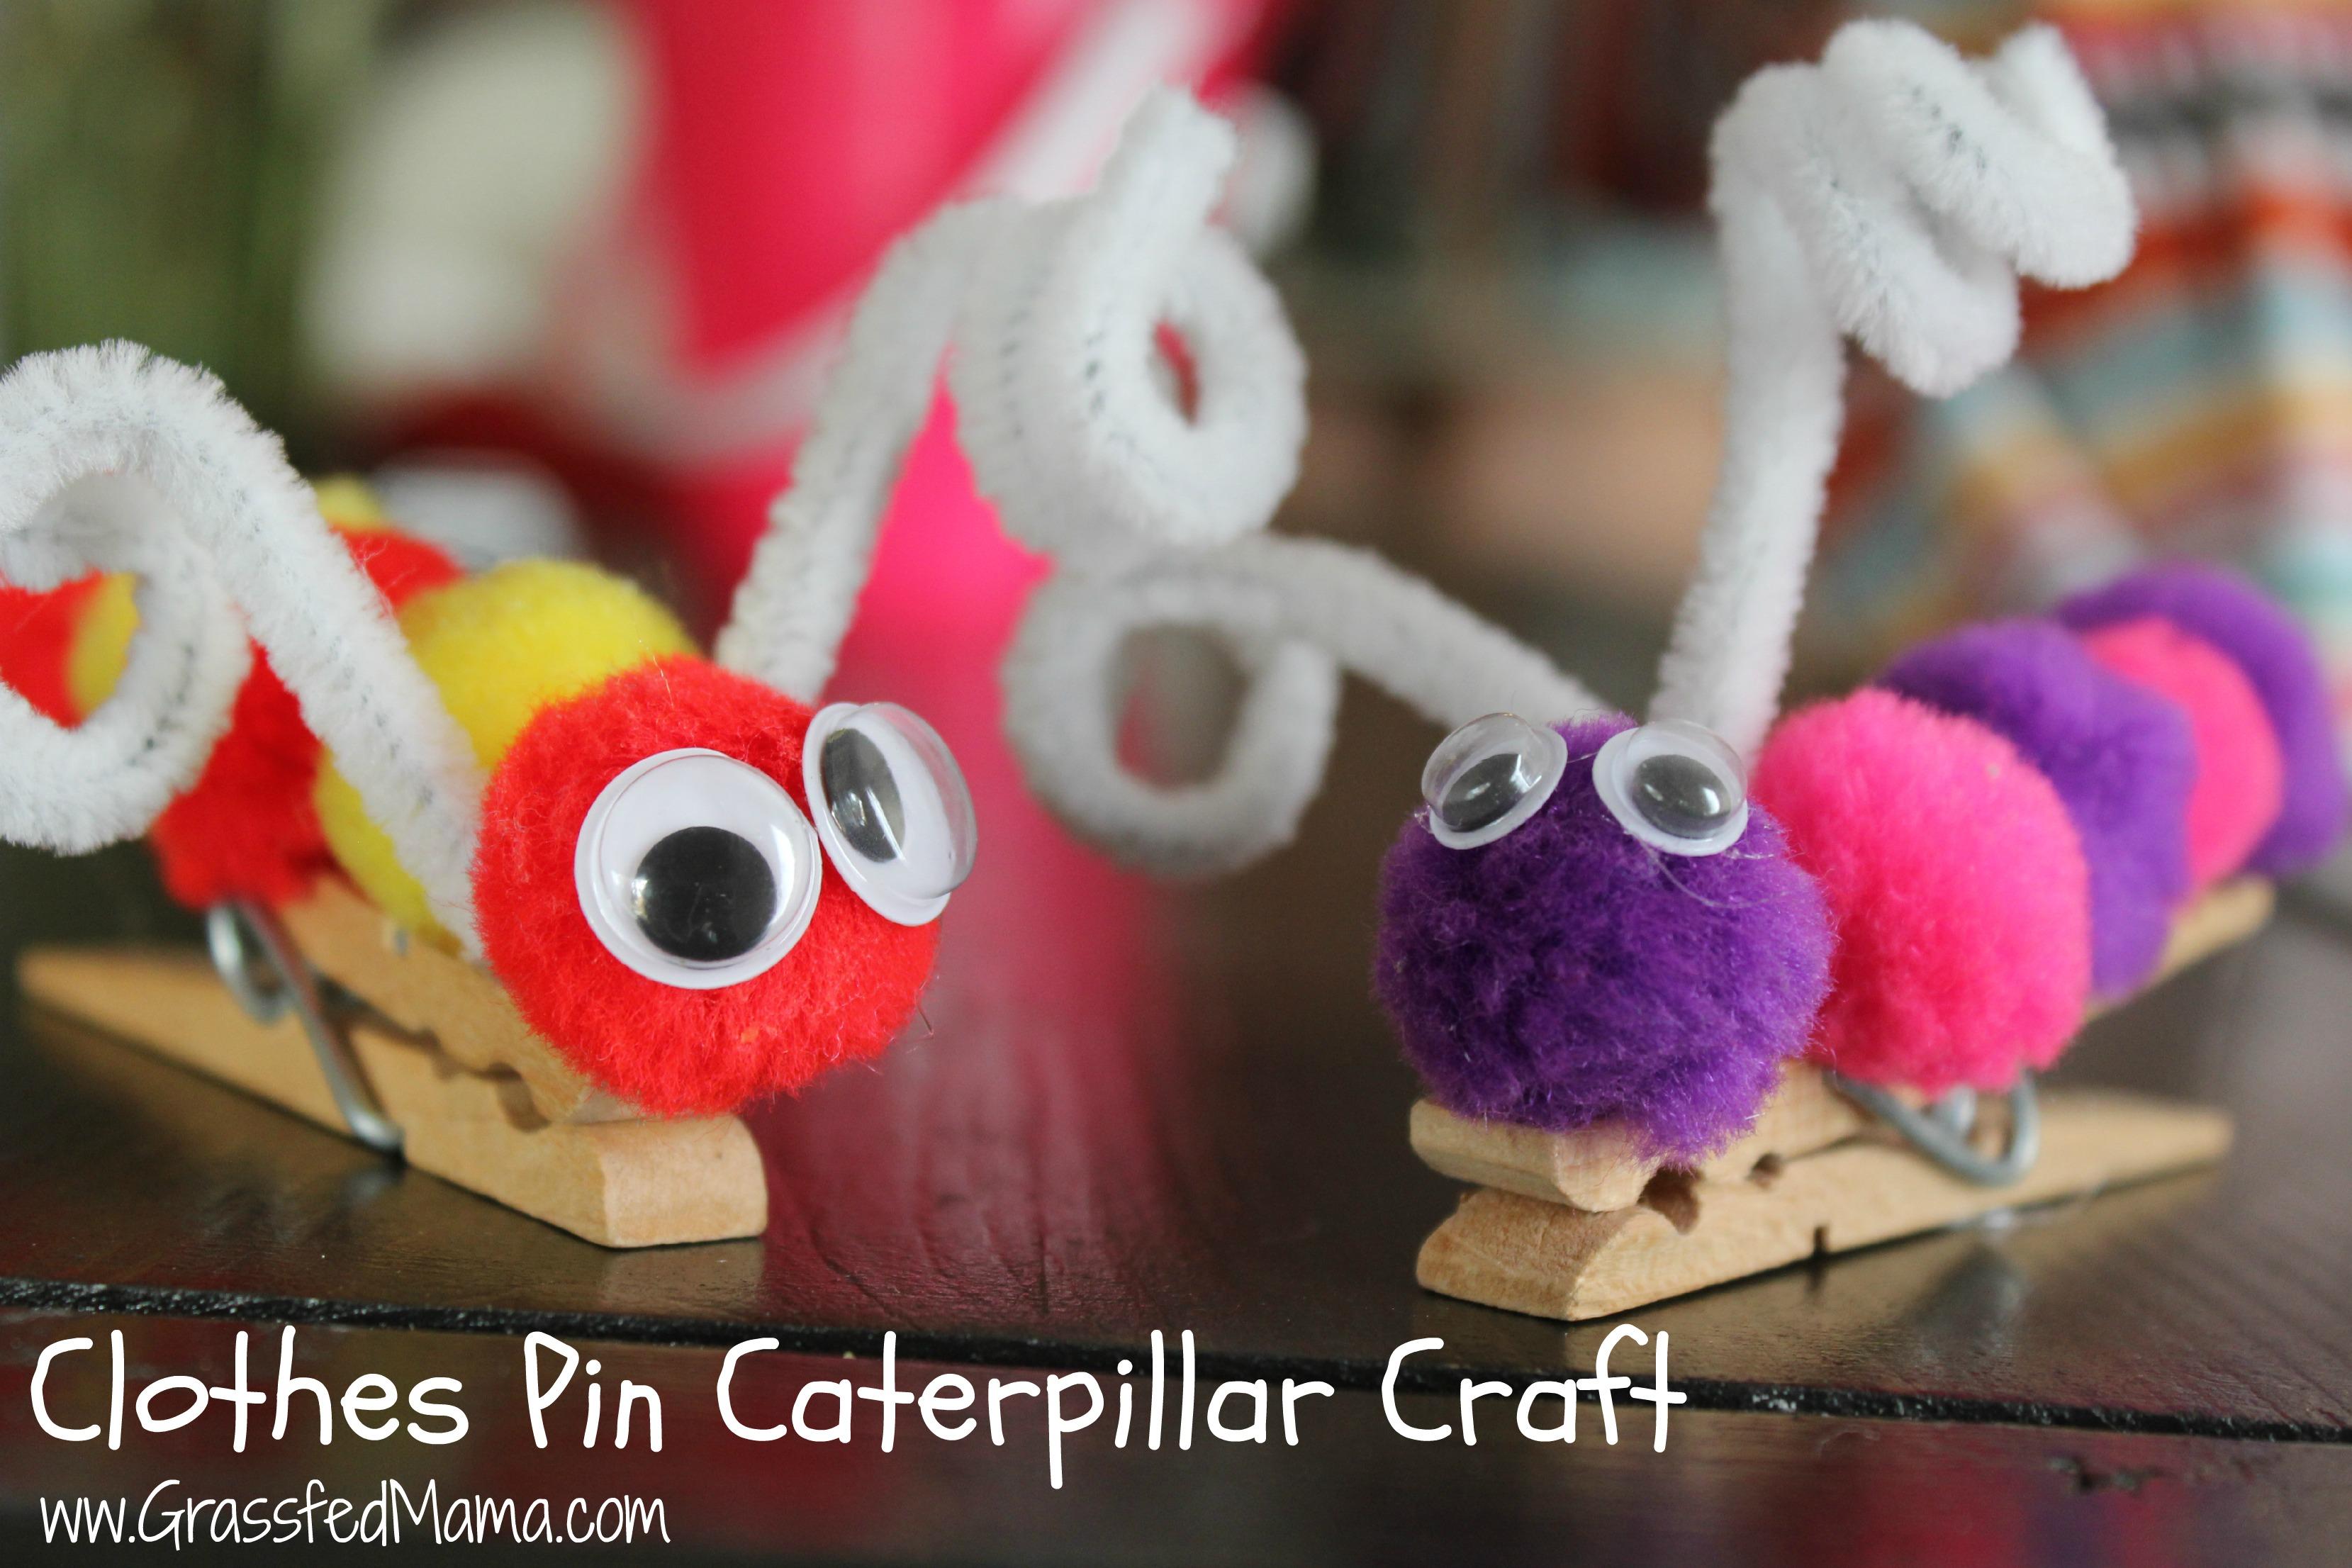 Clothes Pin Caterpillar Craft